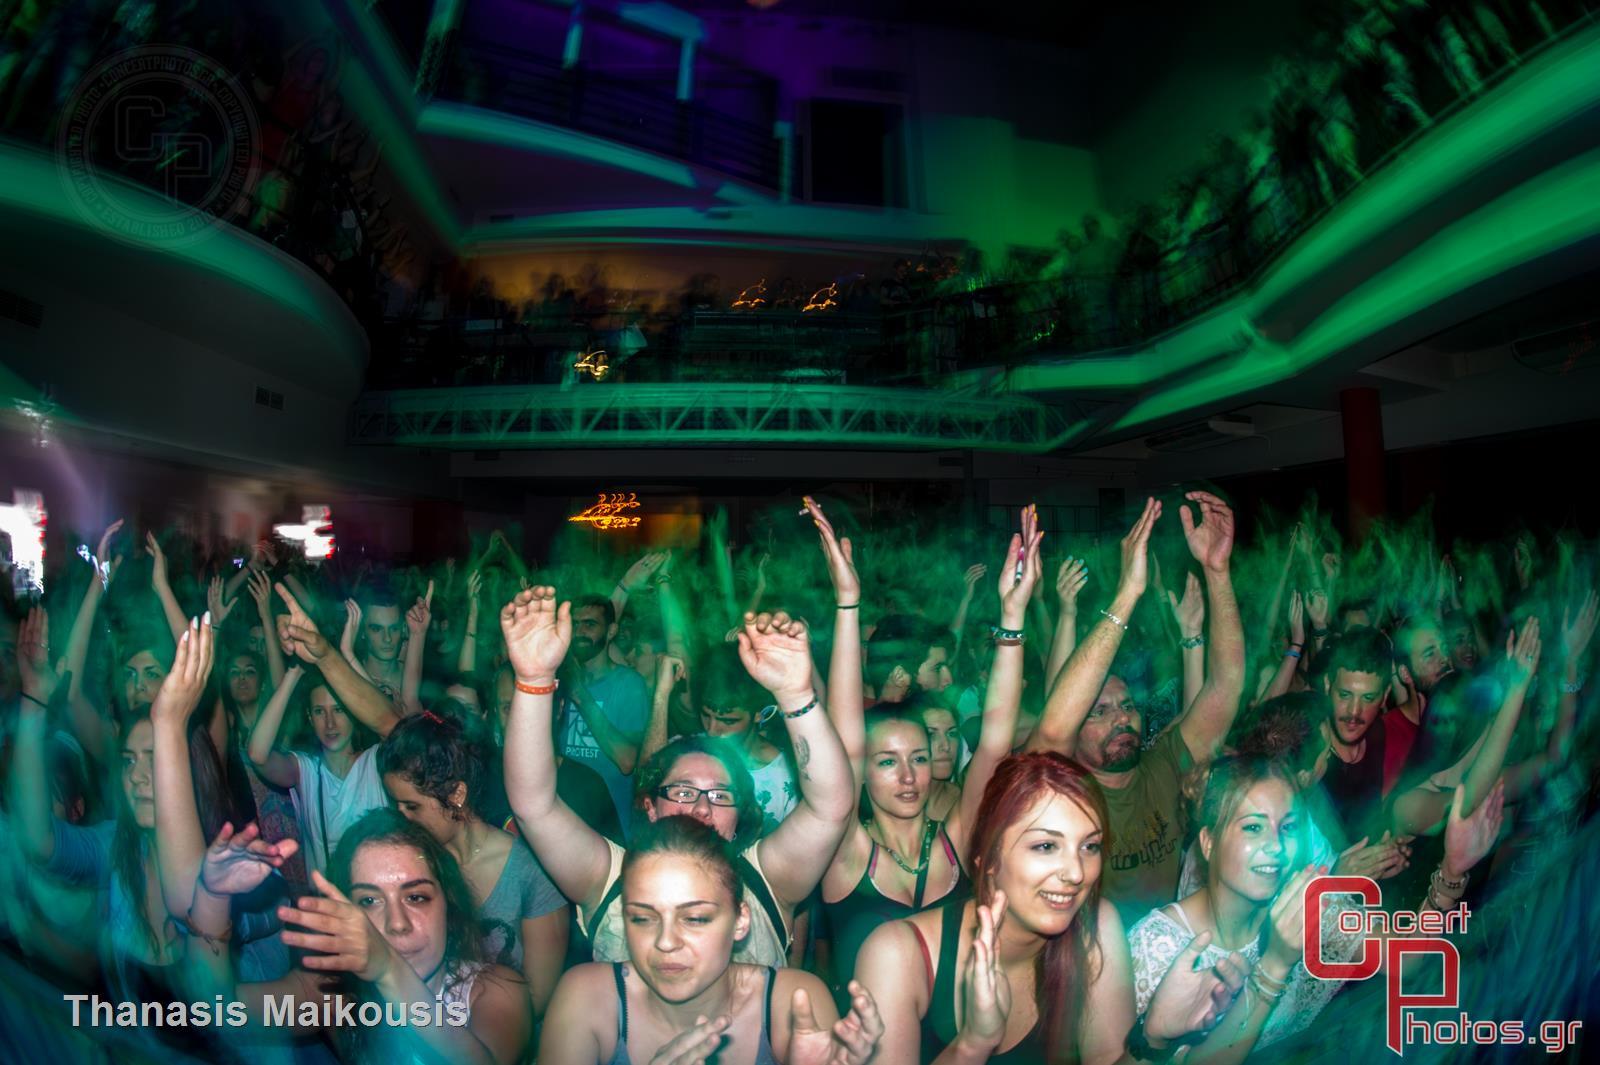 Παύλος Παυλίδης-Pavlidis-stage-volume1 photographer: Thanasis Maikousis - concertphotos_20140611_23_09_04